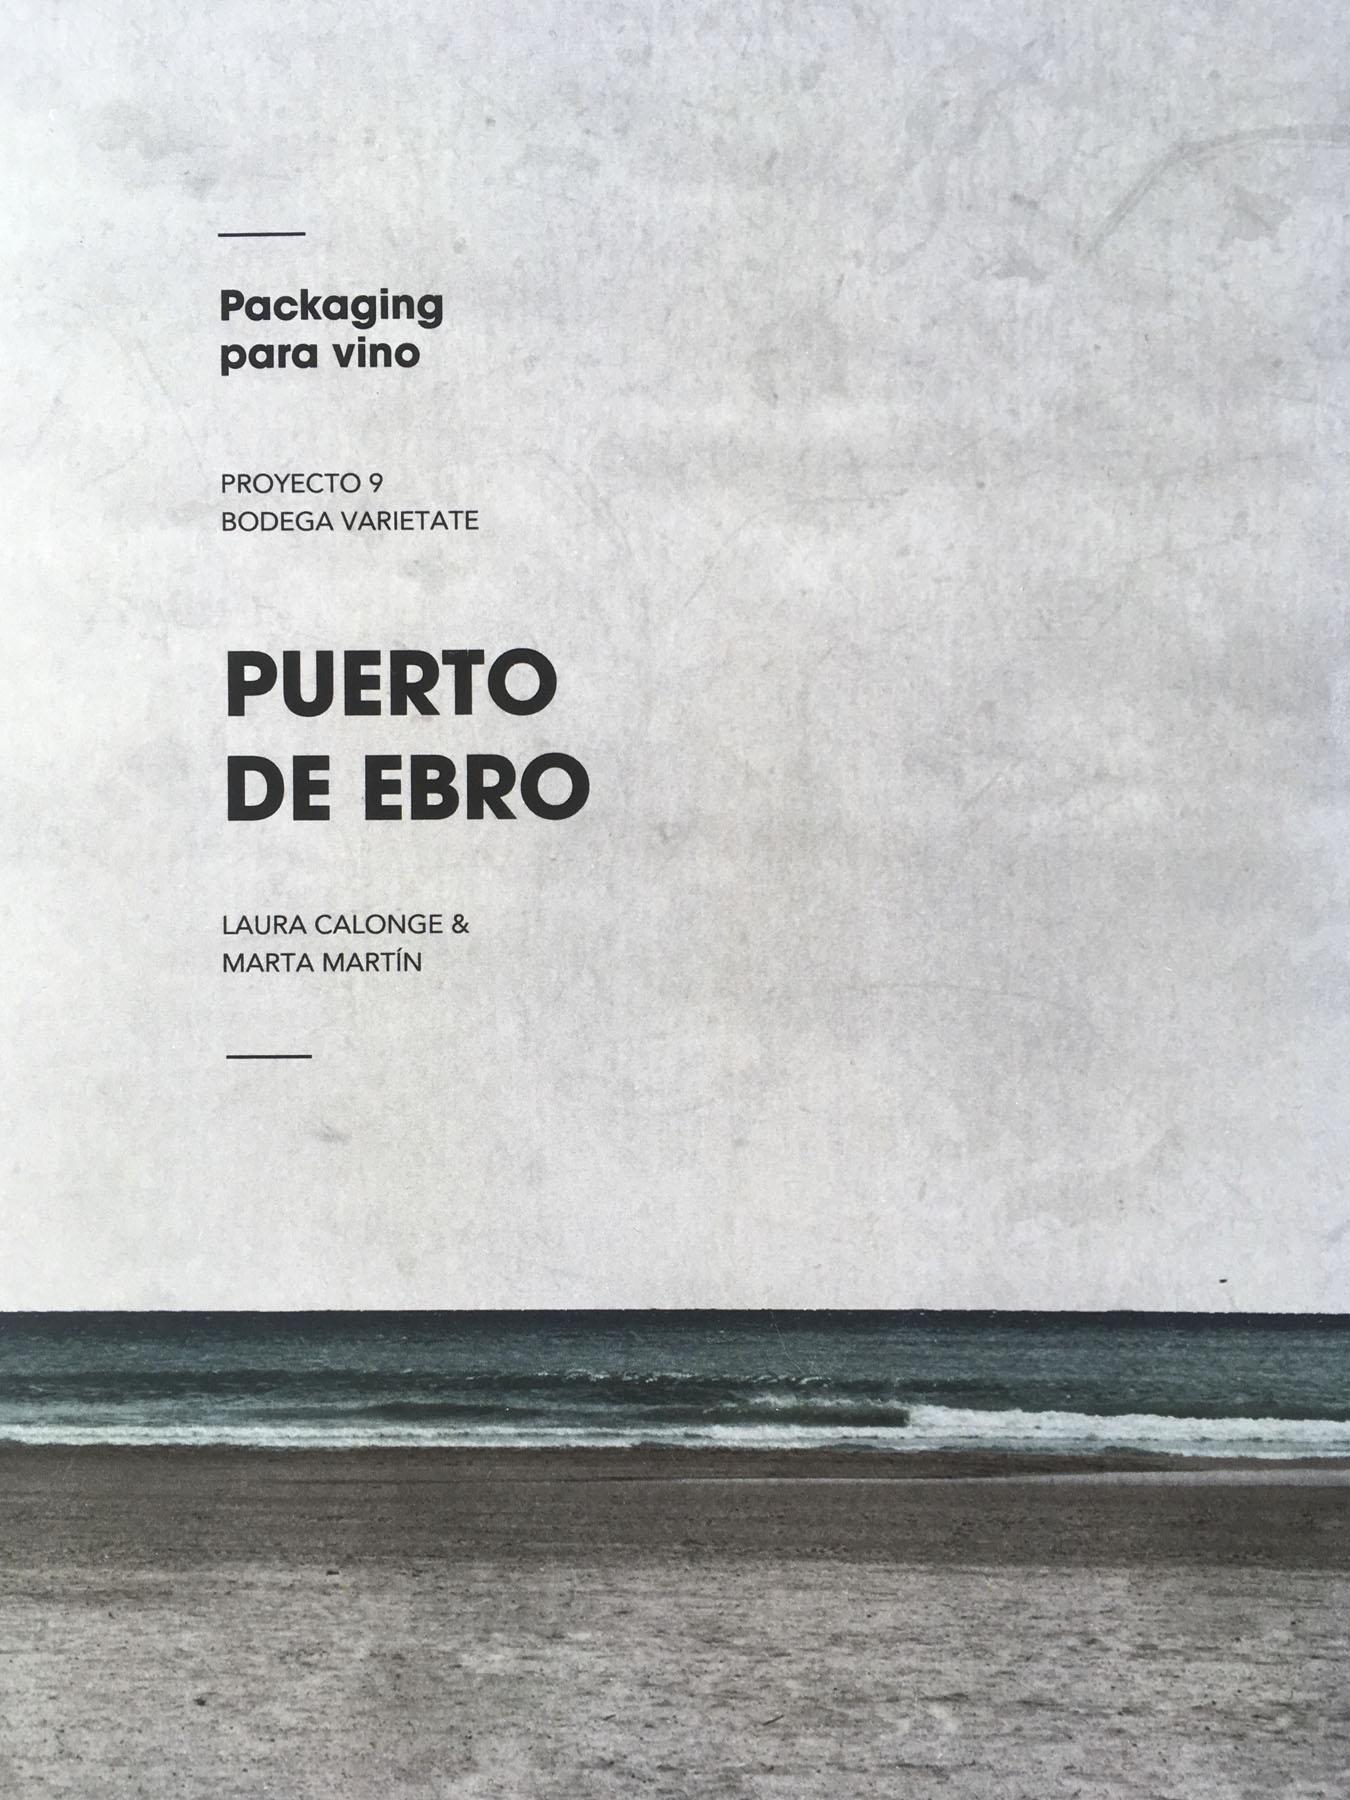 El packaging Puerto de Ebro en el Grado de Enología